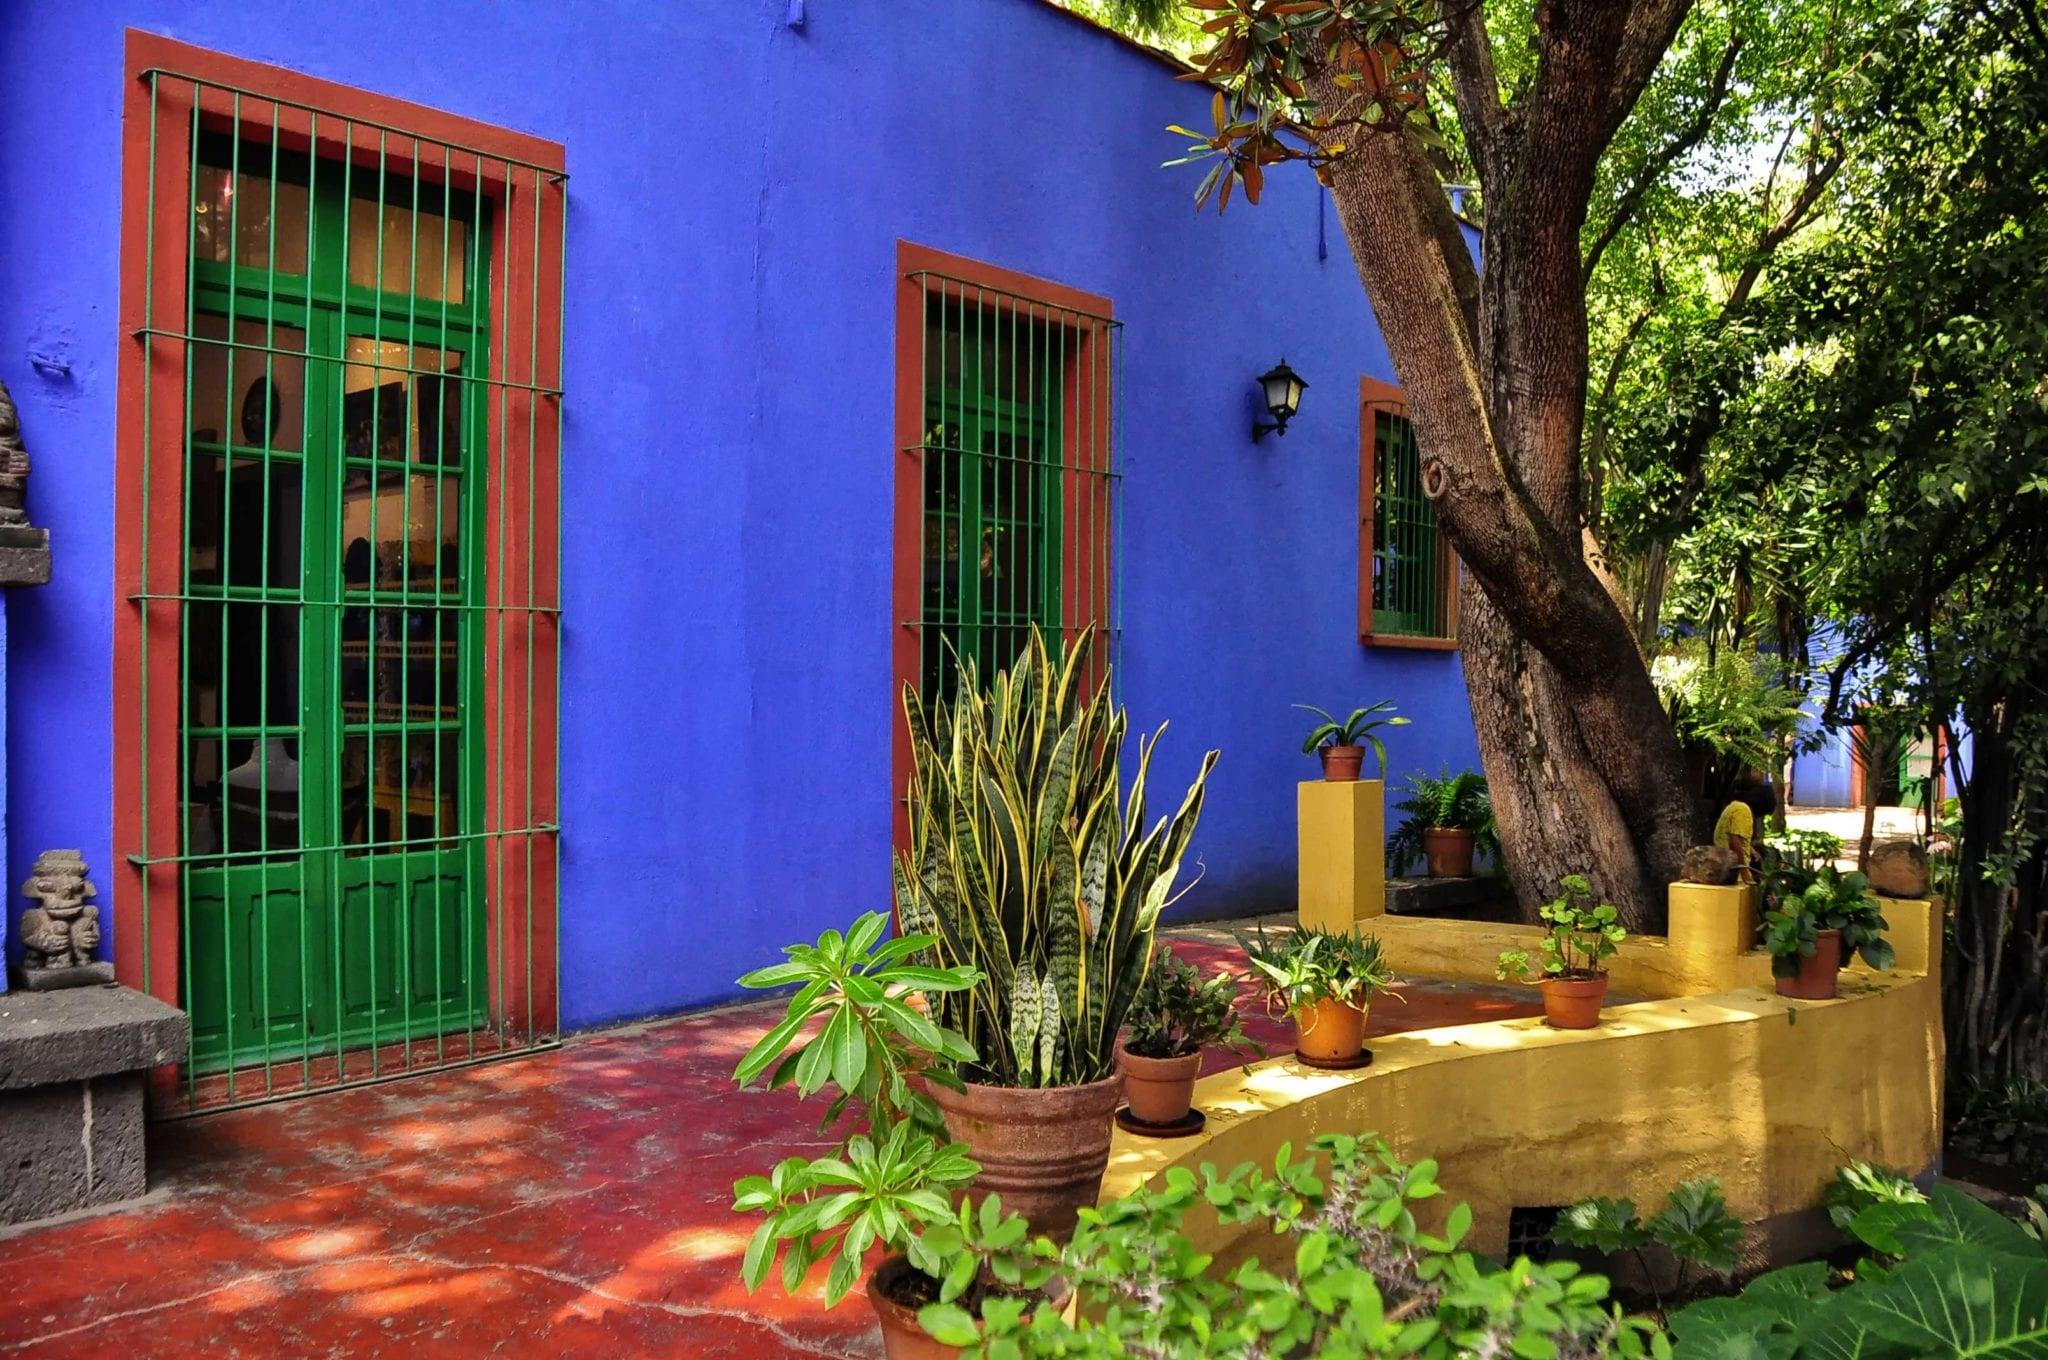 Frida Kahlo's Blue House in Mexico City | © Rod Waddington/Wikimedia